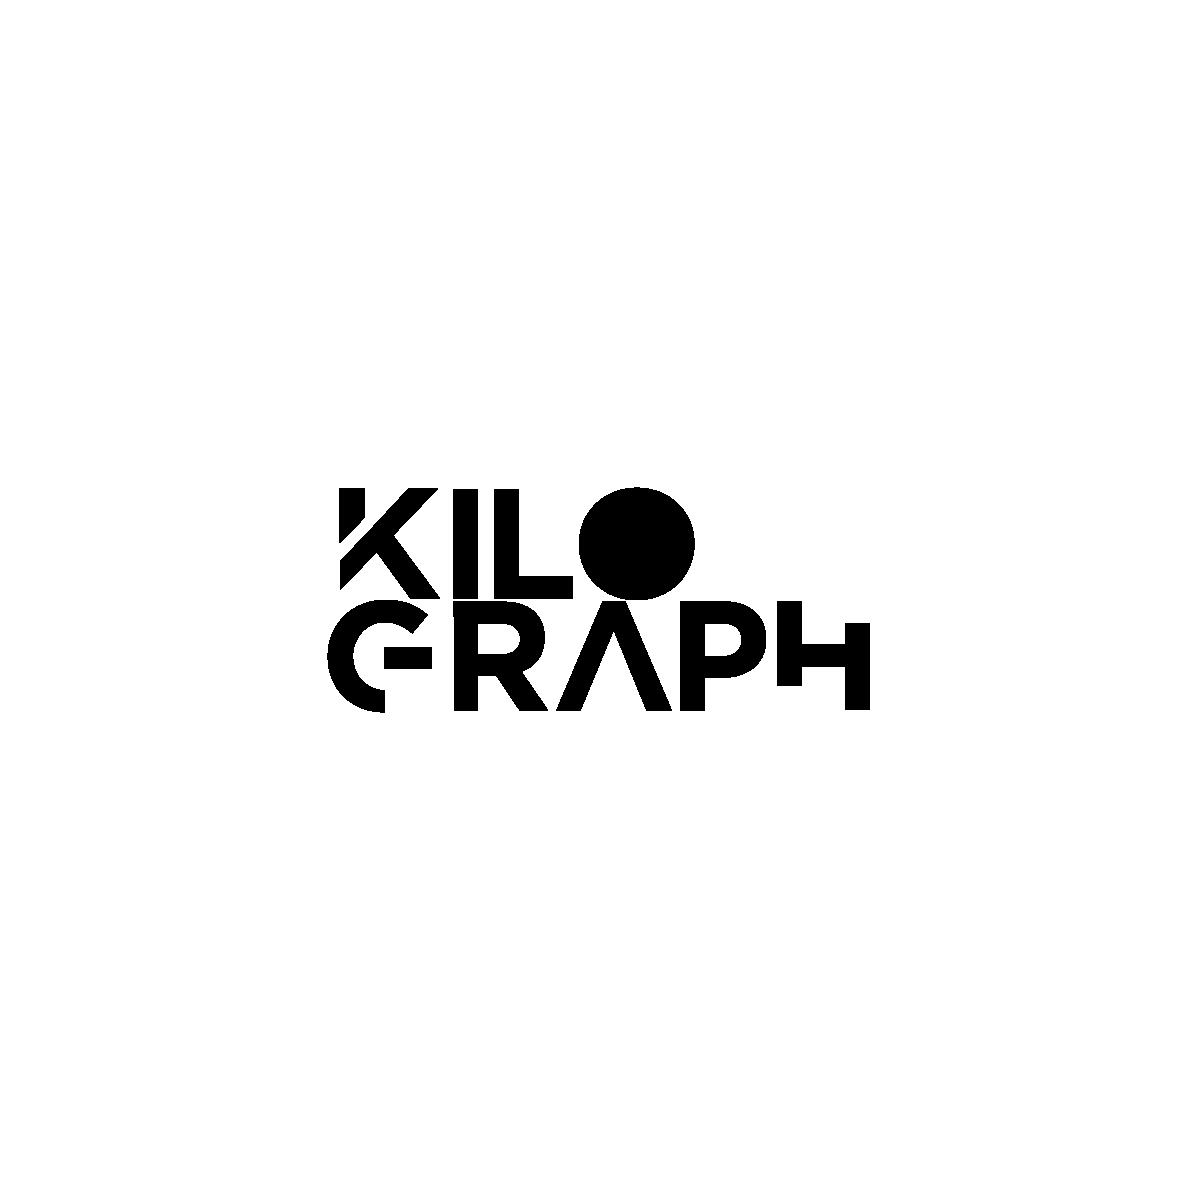 Copy of http://kilograph.com/